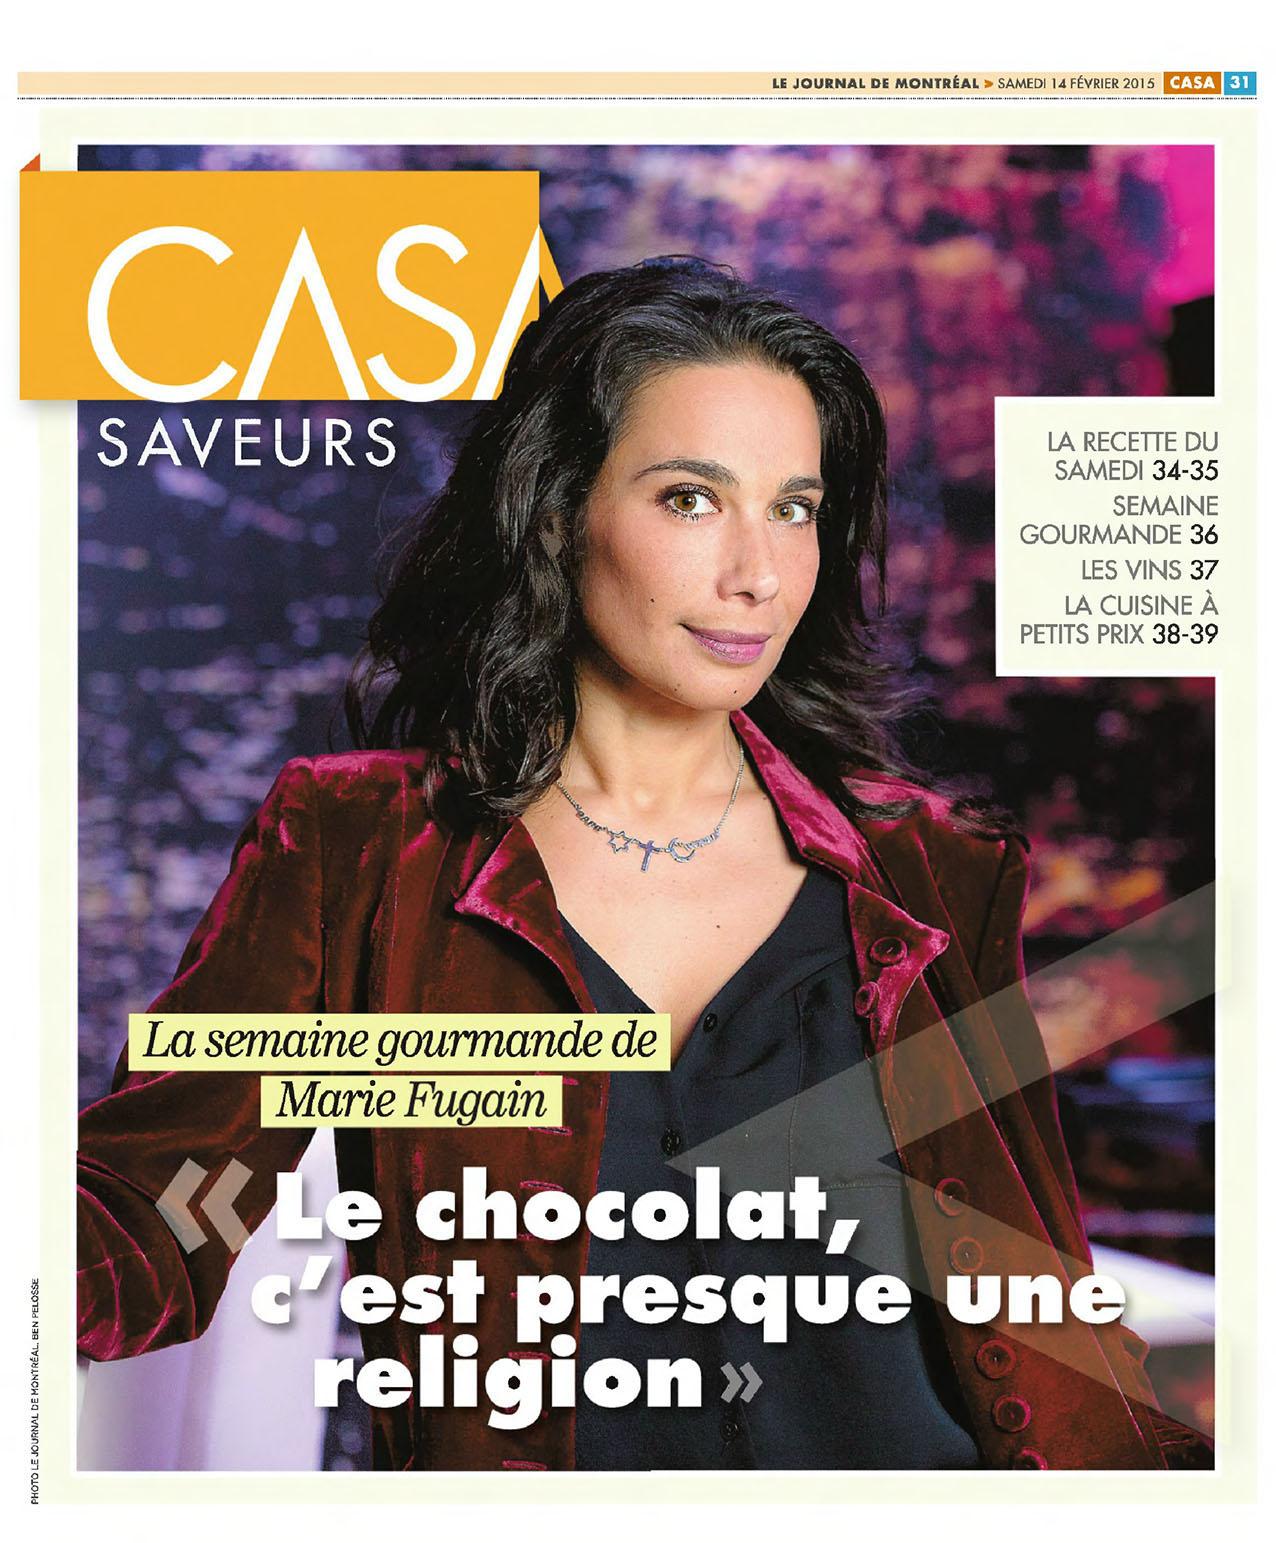 Journal de Montreal 2015.jpg